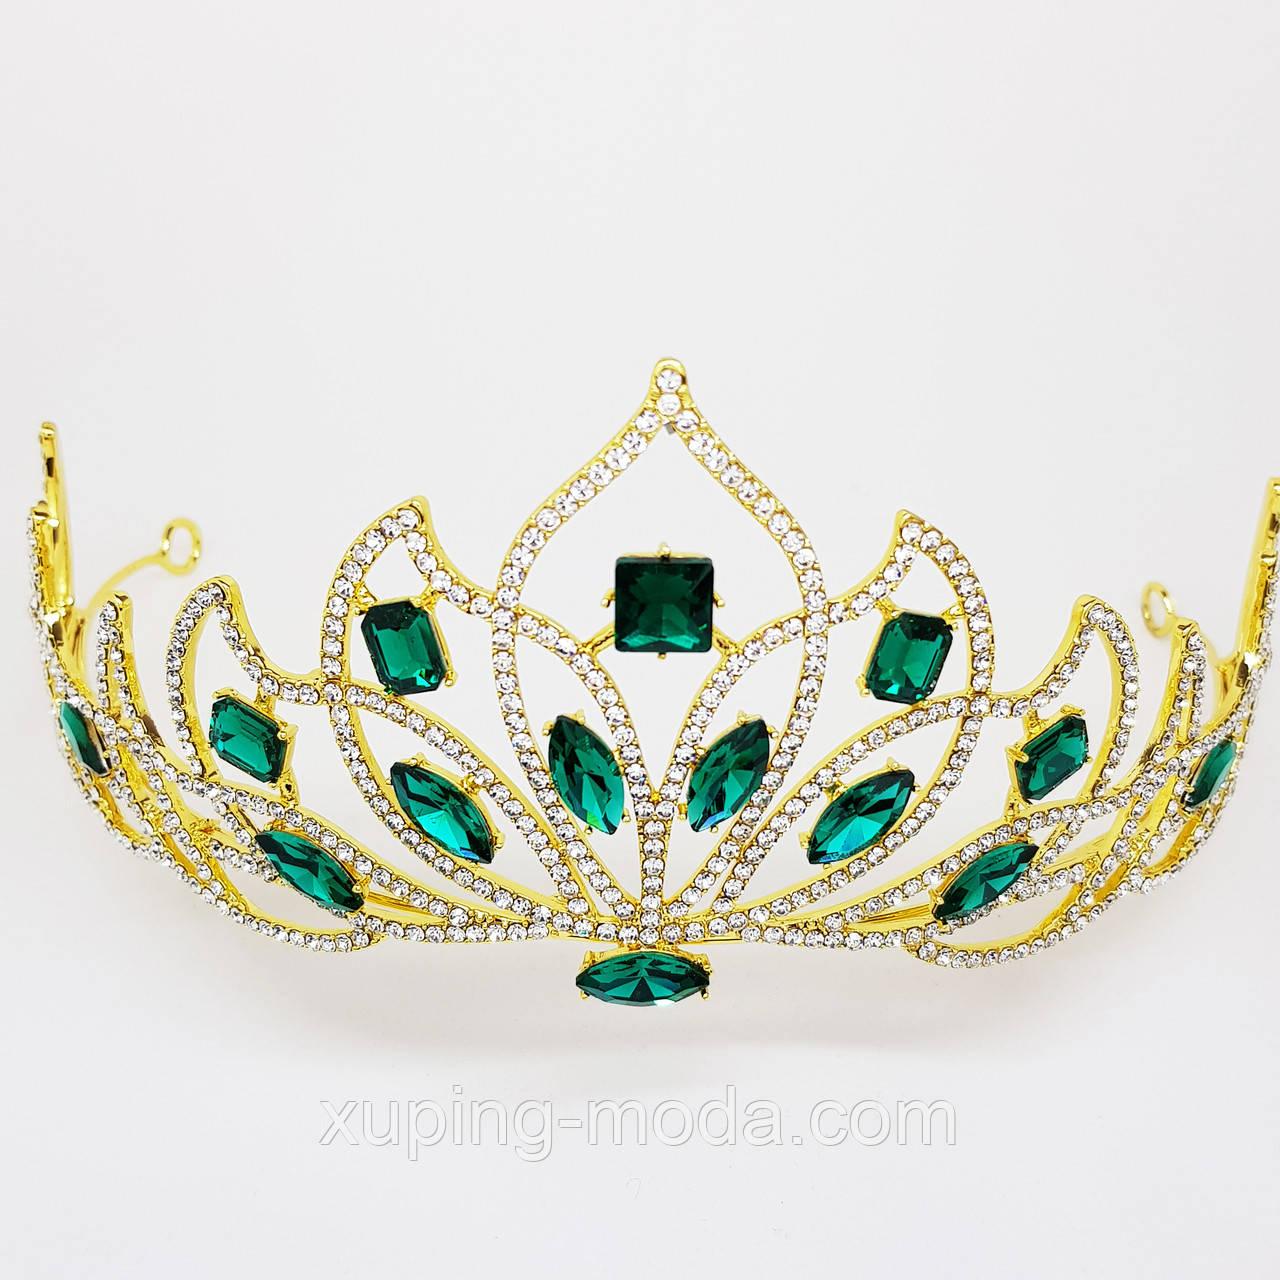 Интересные украшения. Праздничные короны оптом